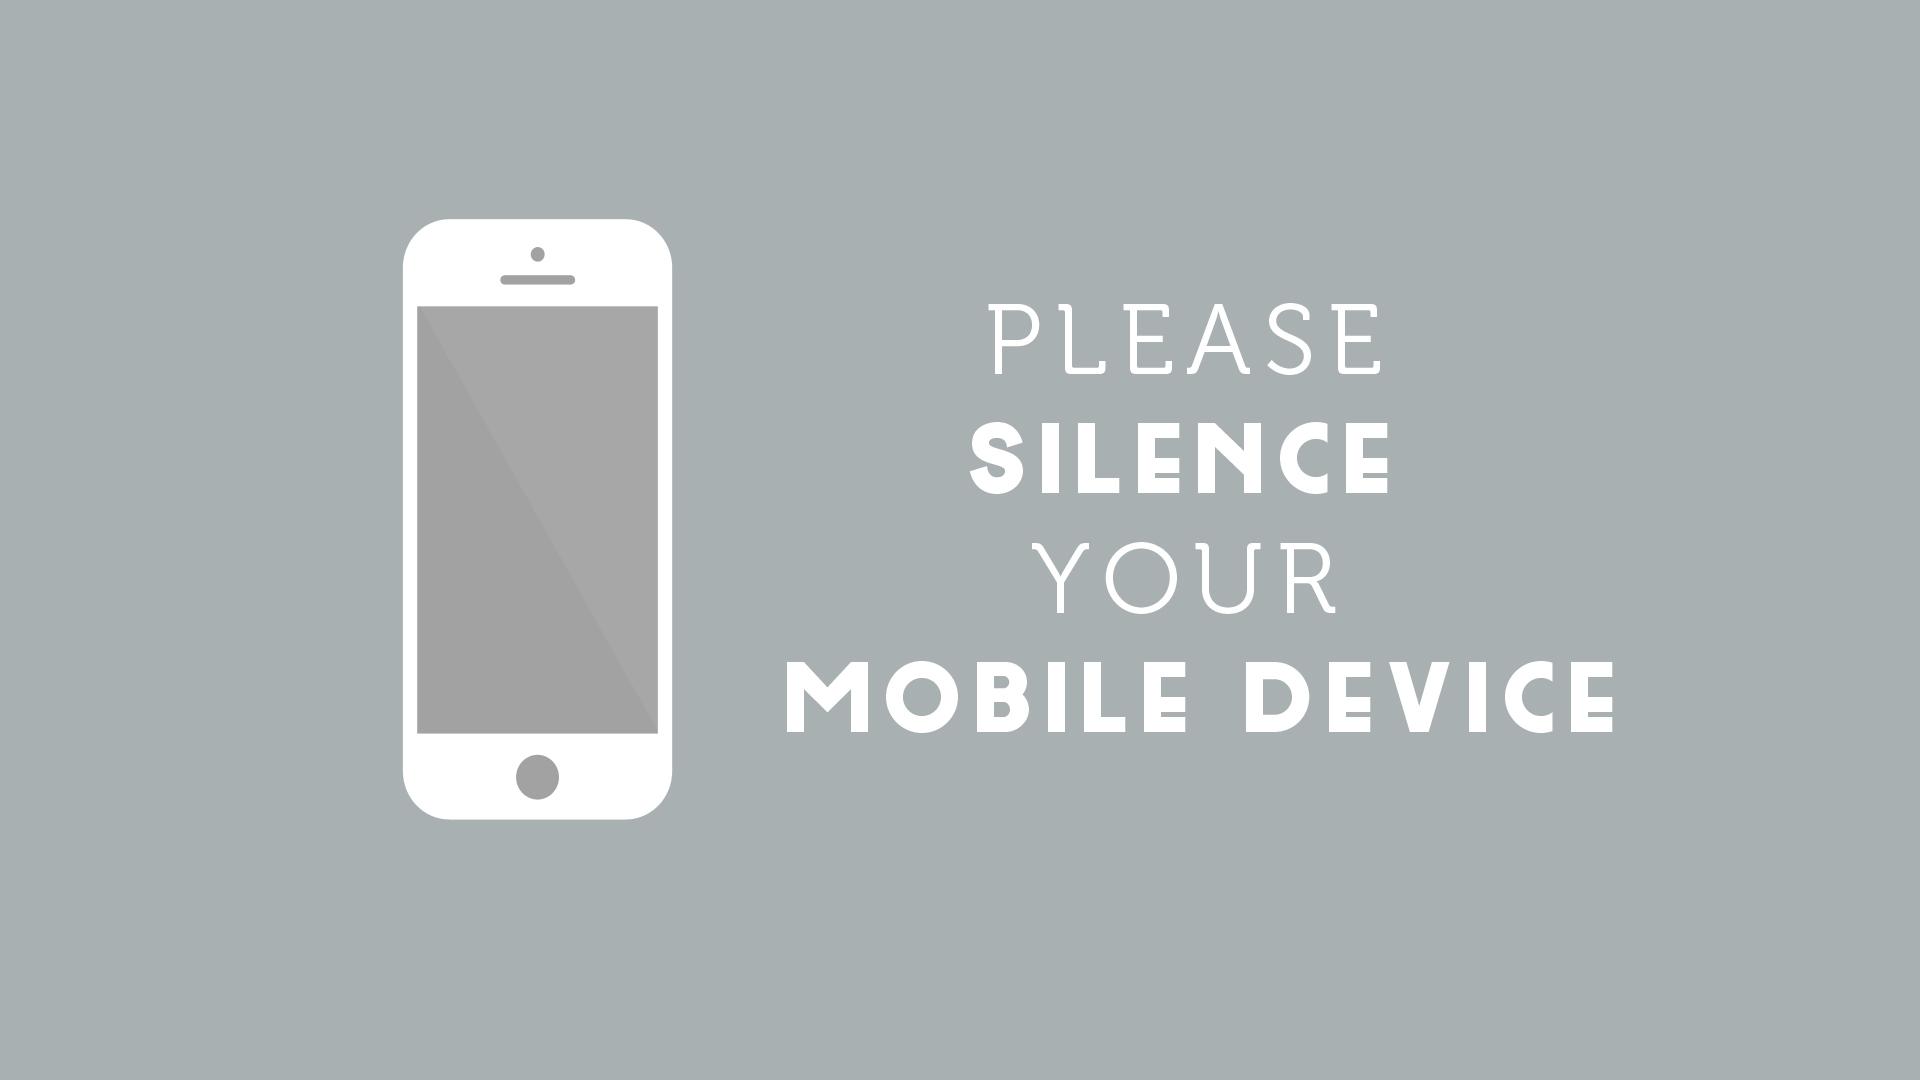 Silence Phone Slide